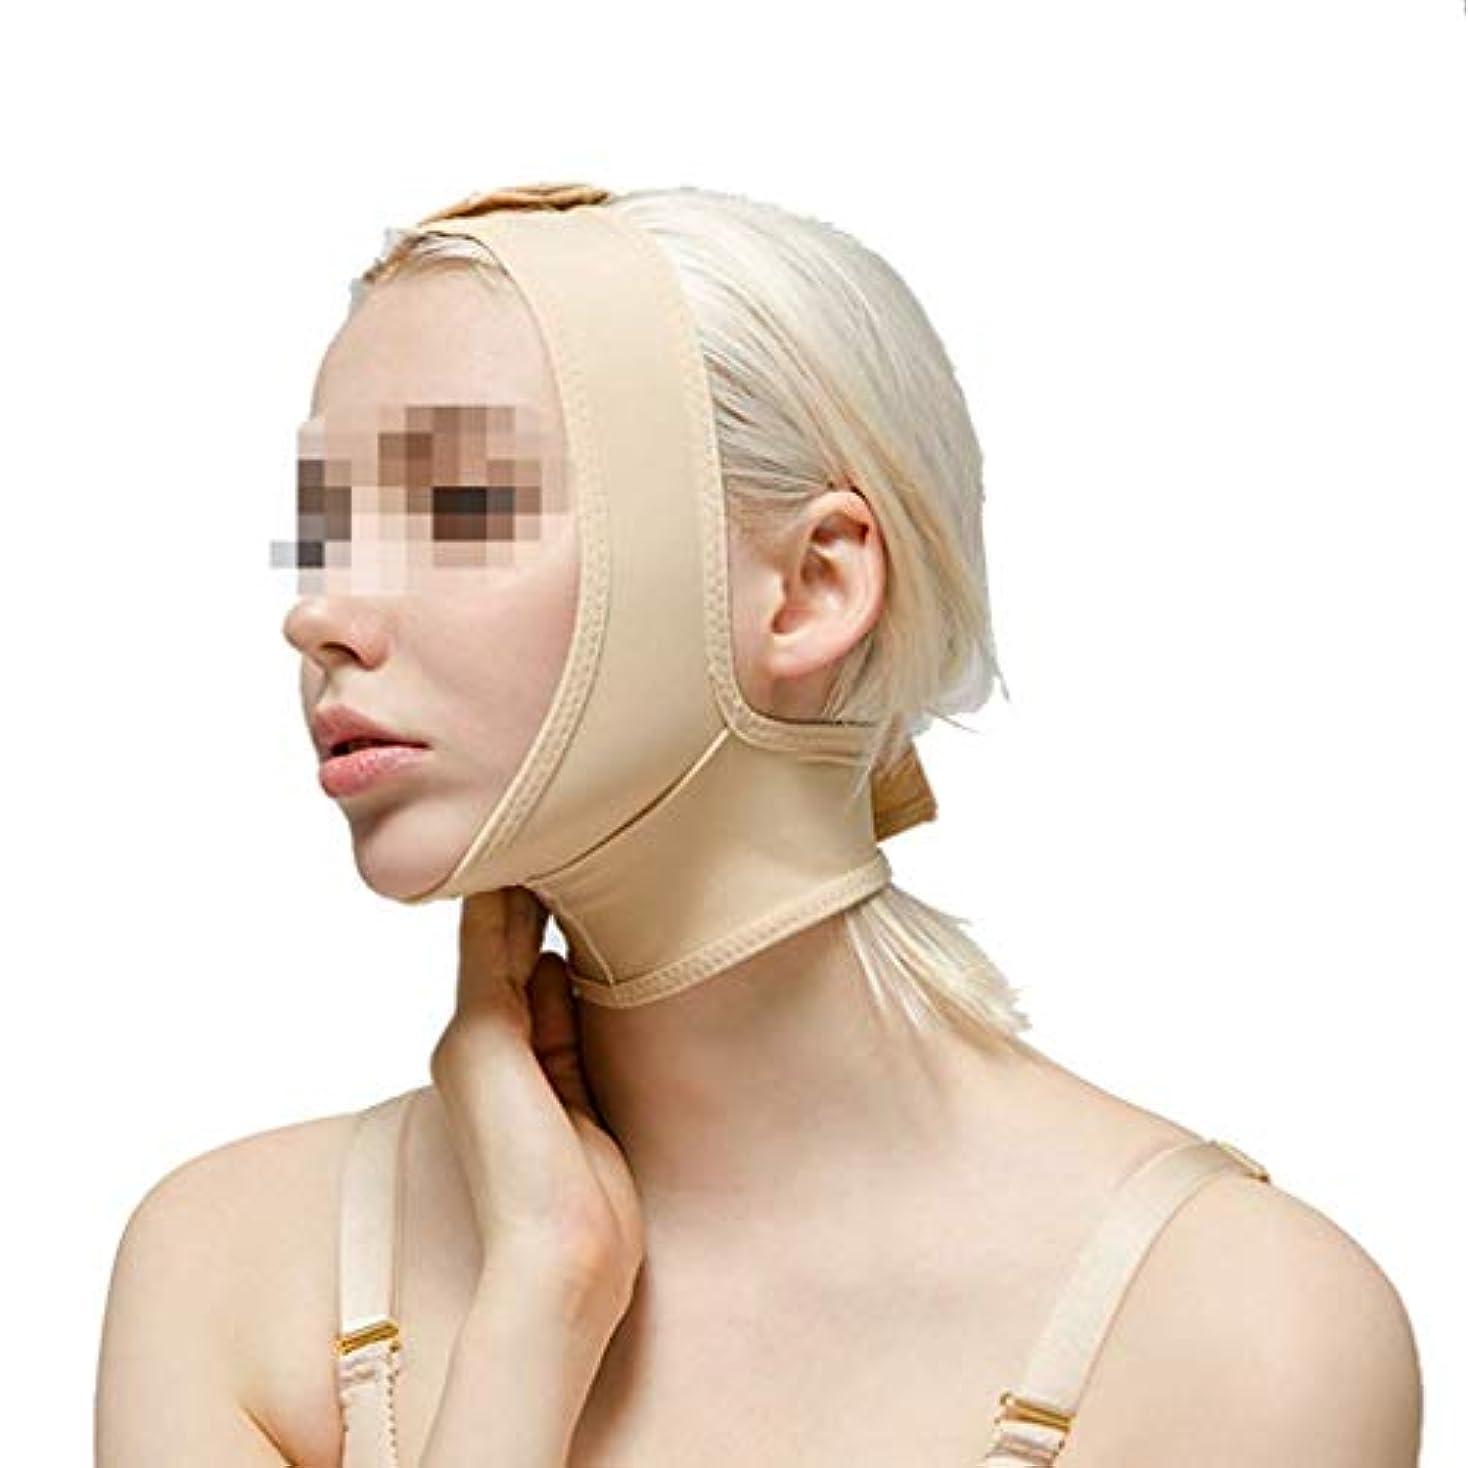 ヒステリック認証服を着る術後弾性スリーブ、下顎バンドルフェイスバンデージフェイシャルビームダブルチンシンフェイスマスクマルチサイズオプション(サイズ:XXL)